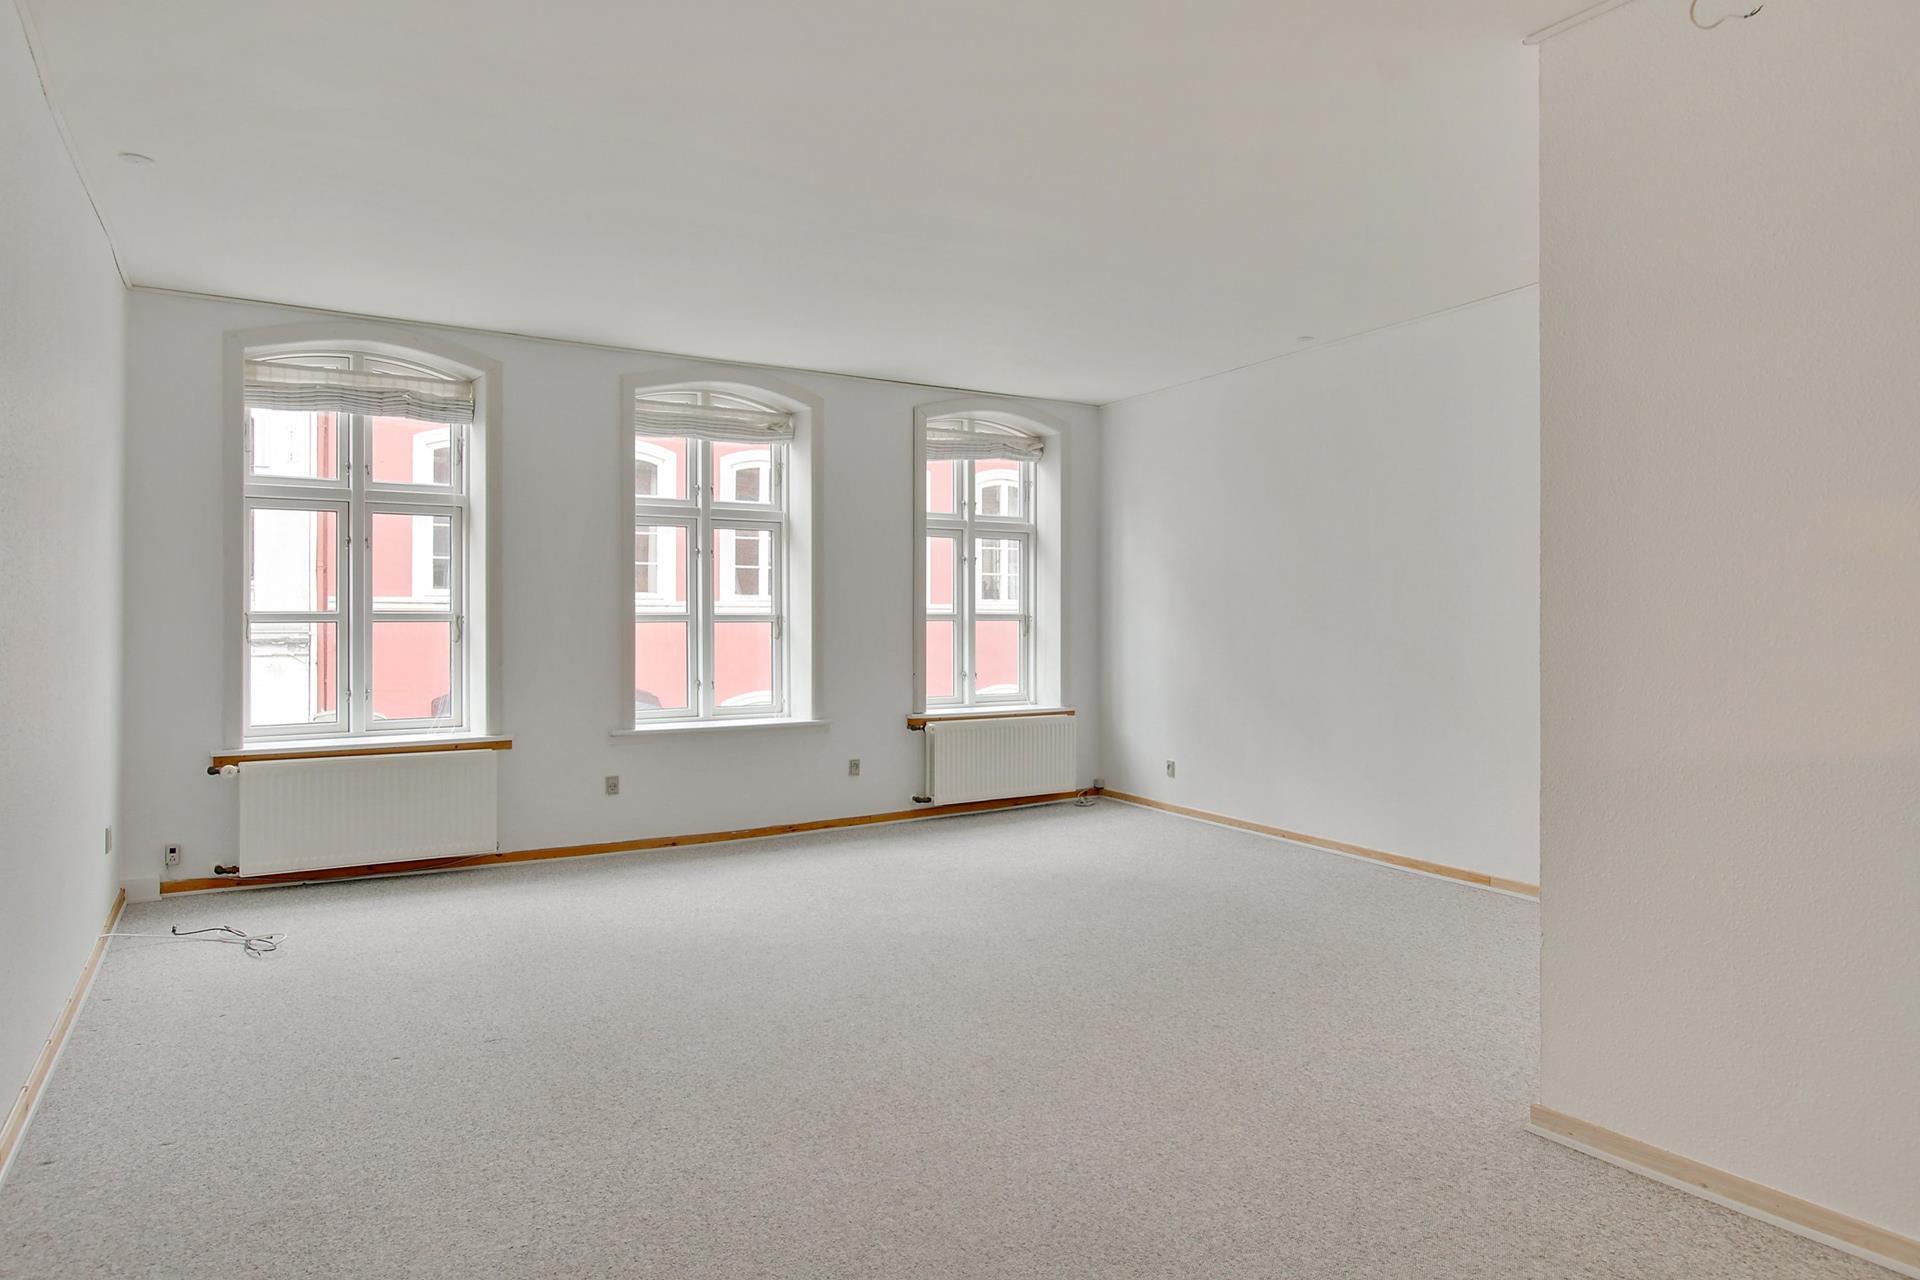 Bolig/erhverv på Storegade i Tønder - Stue